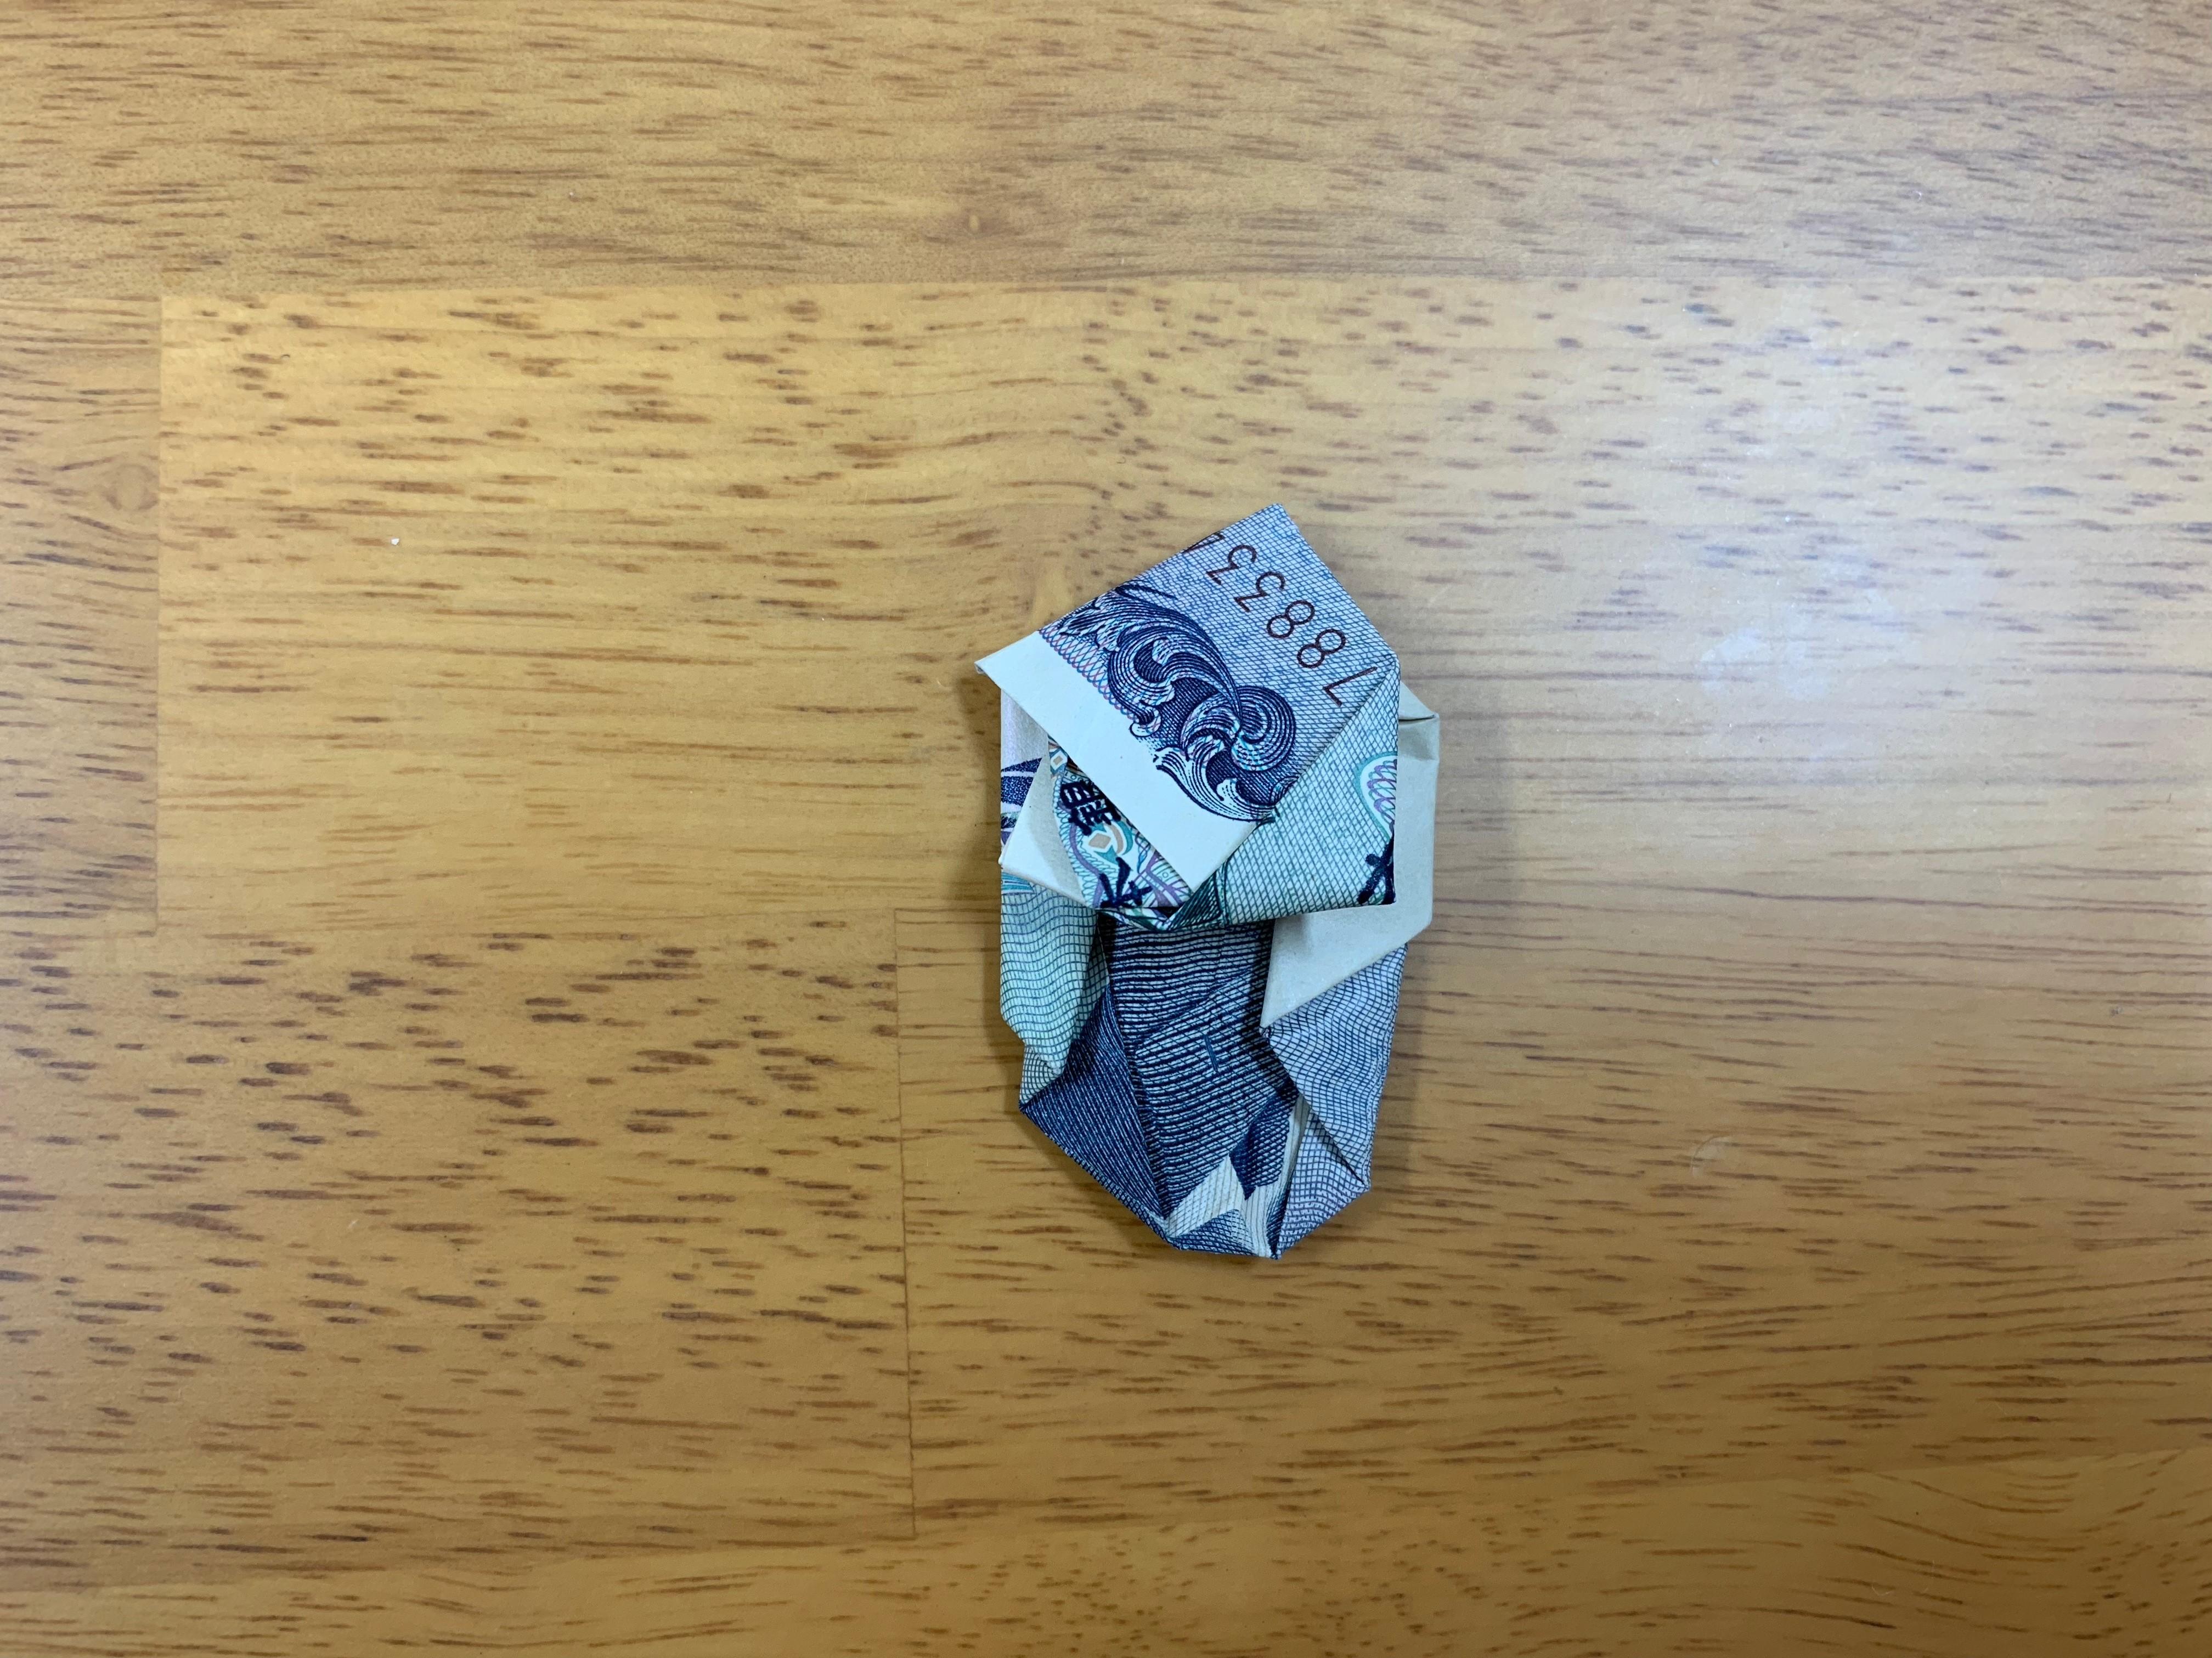 ターバン野口 お札 千円札のおもしろい折り方の画像16